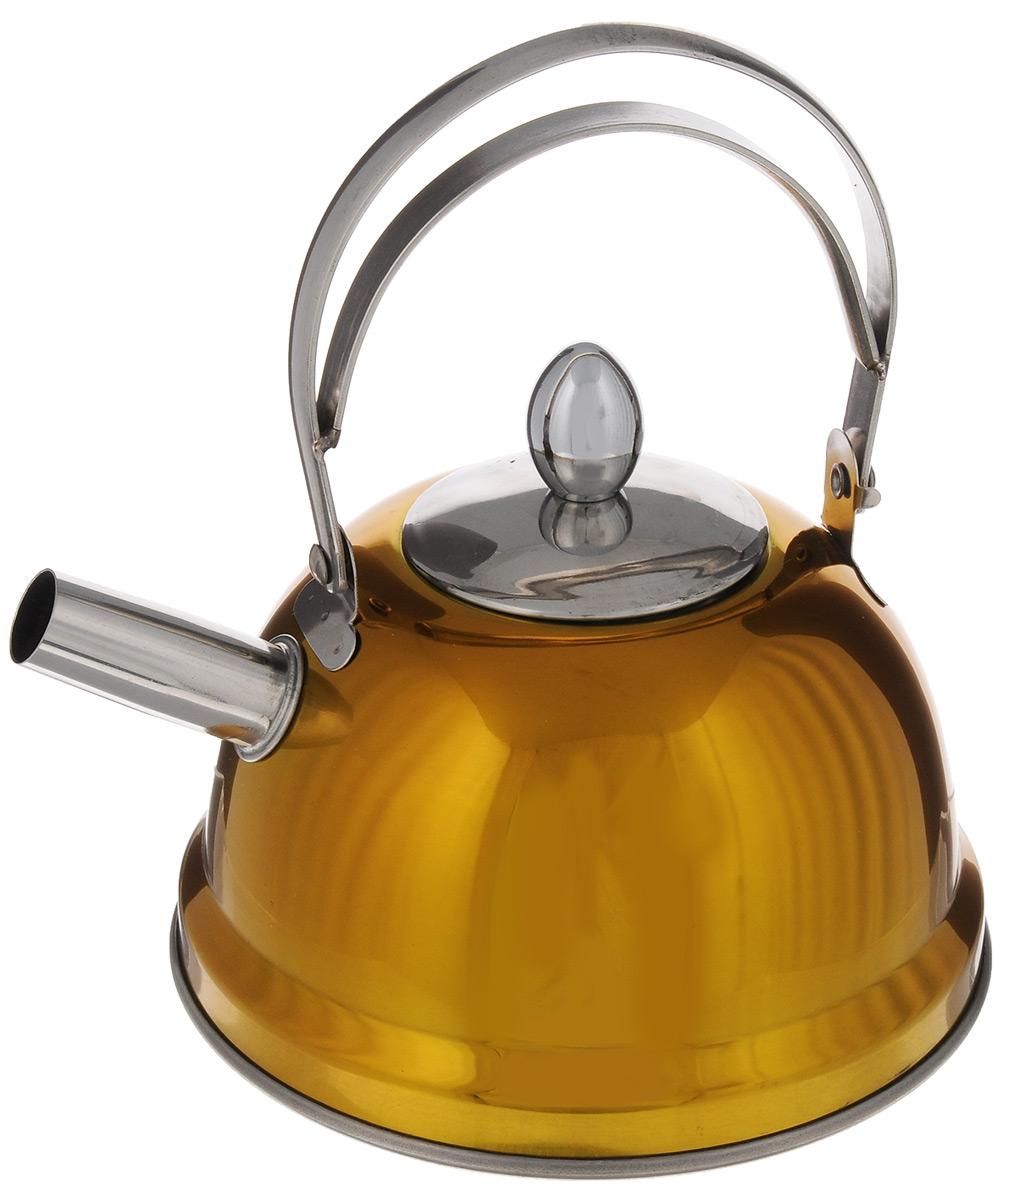 Чайник Bekker De Luxe, с ситечком, цвет: желтый, 0,8 л. BK-S430BK-S430_ желтыйЧайник Bekker De Luxe выполнен из высококачественной нержавеющей стали, что обеспечивает долговечность использования. Внешнее цветное зеркальное покрытие придает приятный внешний вид. Капсулированное дно распределяет тепло по всей поверхности, что позволяет чайнику быстро закипать. Эргономичная подвижная ручка выполнена из нержавеющей стали. Чайник снабжен ситечком для заваривания. Можно мыть в посудомоечной машине. Пригоден для всех видов плит, включая индукционные. Диаметр (по верхнему краю): 5 см. Высота чайника (без учета крышки и ручки): 8 см. Высота чайника (с учетом ручки): 17,5 см. Диаметр основания: 14 см. Толщина стенки: 0,5 мм. Высота ситечка: 5,5 см.